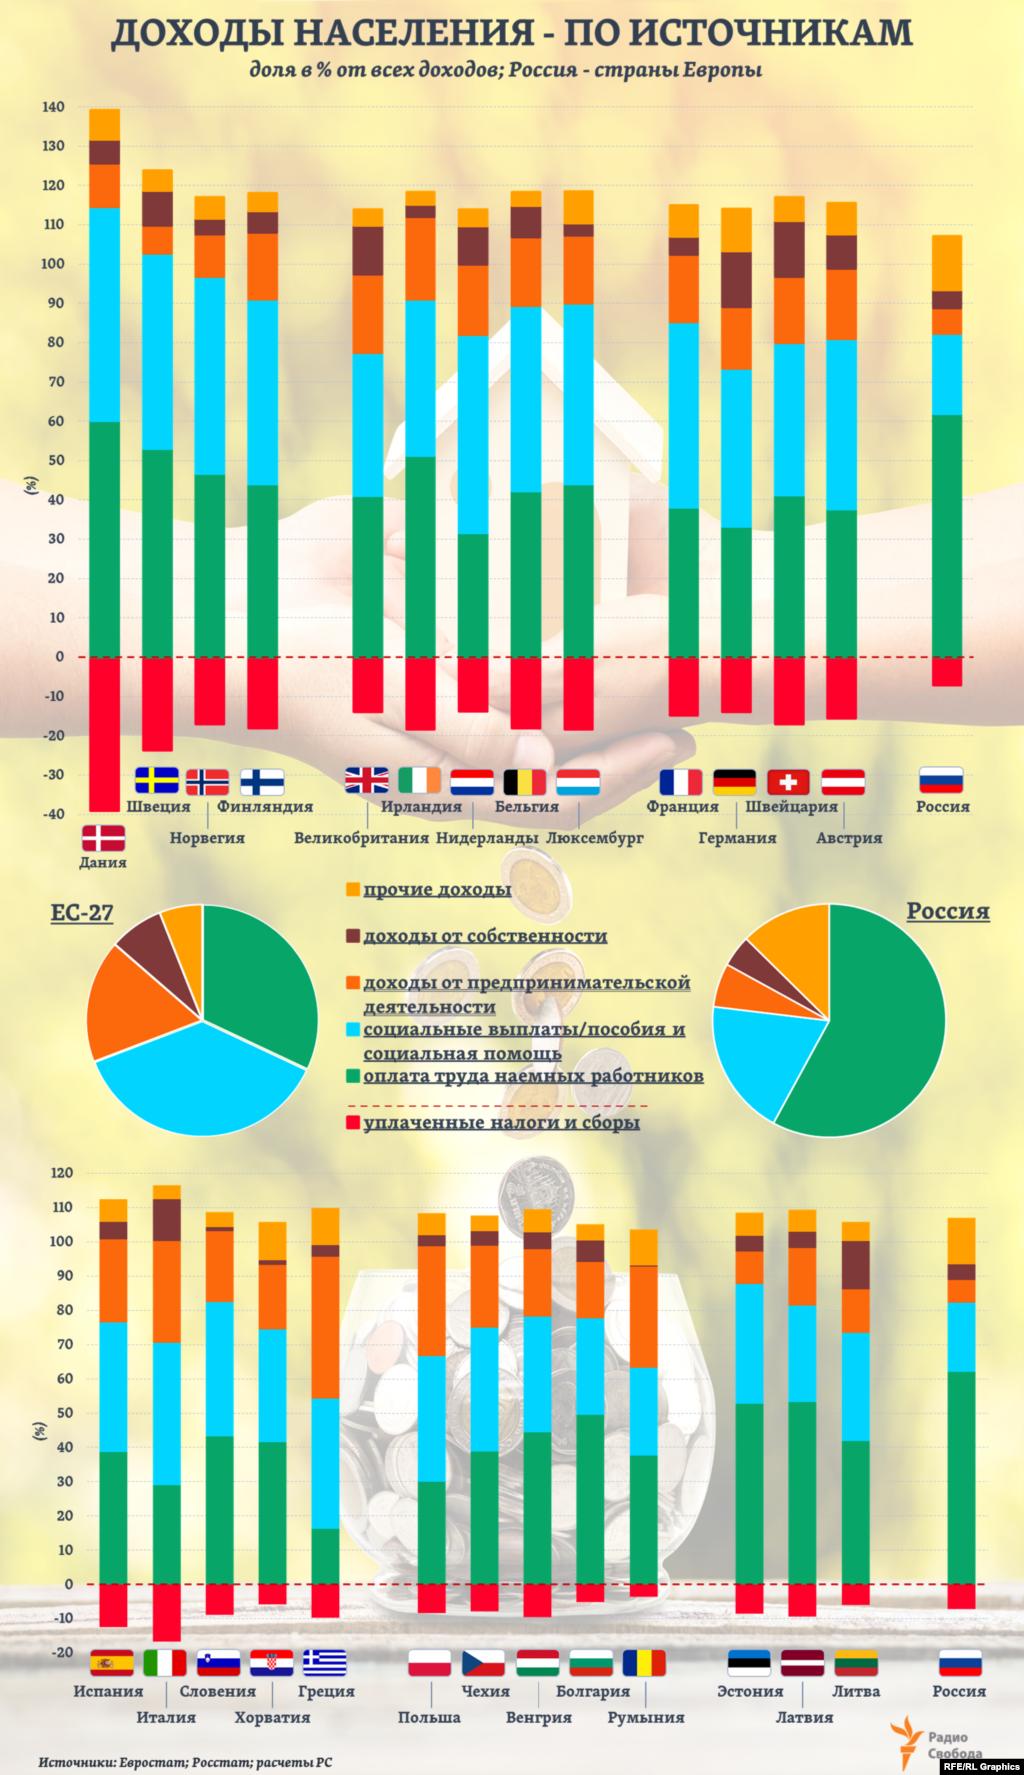 В общей сумме денежных доходов населения России, по данным Росстата, более 60% приходится на оплату труда по найму: в 2018-2019 годах – 57-58%, во 2-ом квартале 2020-го – уже 65%. Сравнимая с этой доля зарплаты в общих доходах населения – лишь в одной из 27 стран ЕС, в Дании. В среднем же по ЕС доля зарплаты почти в 2 раза меньше. Тогда как доля различных социальных выплат и социальной помощи в общем объеме доходов населения в странах ЕС, наоборот, почти в 2 раза больше, чем в России, а доходов от предпринимательской деятельности – почти в 3 раза больше.